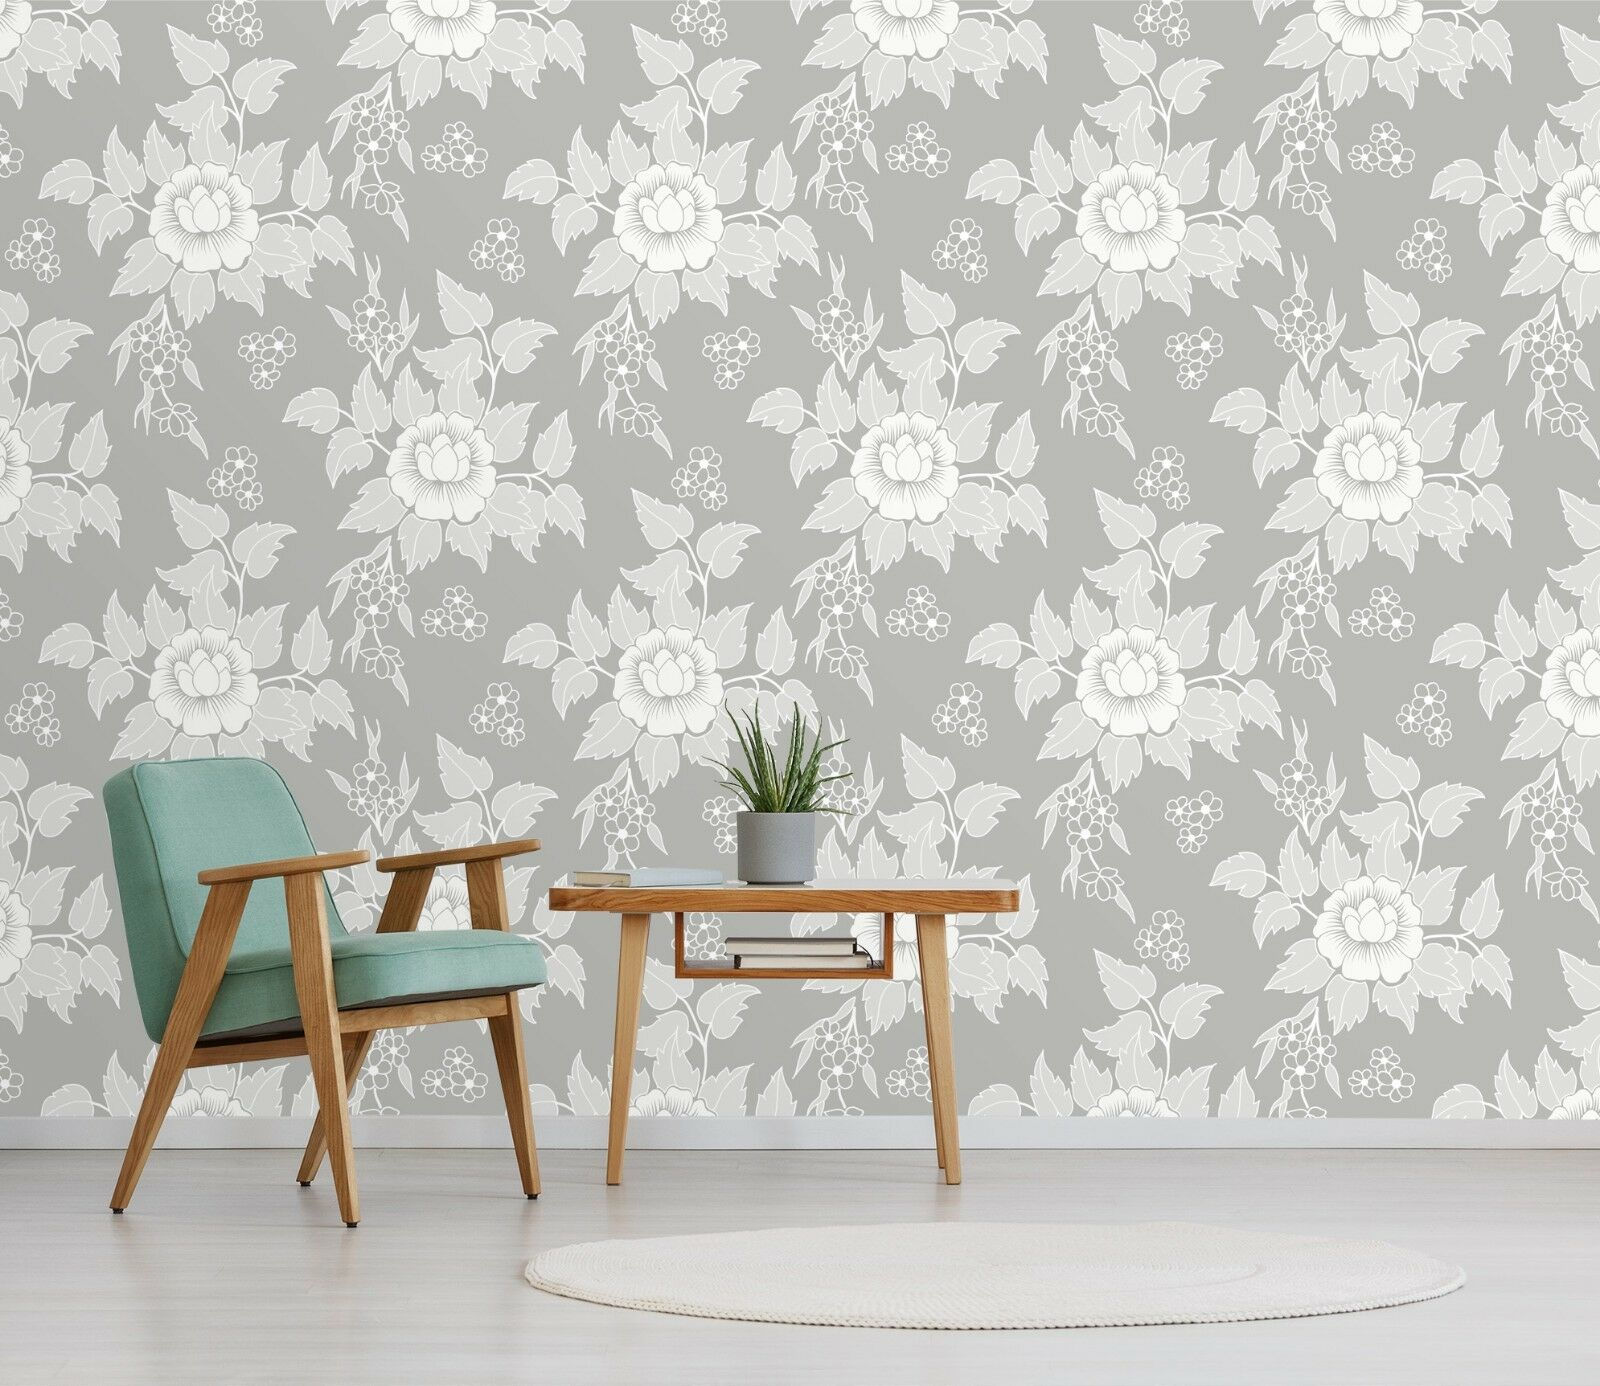 3D 3D 3D Flowers Weiß 113 Wallpaper Mural Print Wall Indoor Wallpaper Murals UK Lemon 622a5b